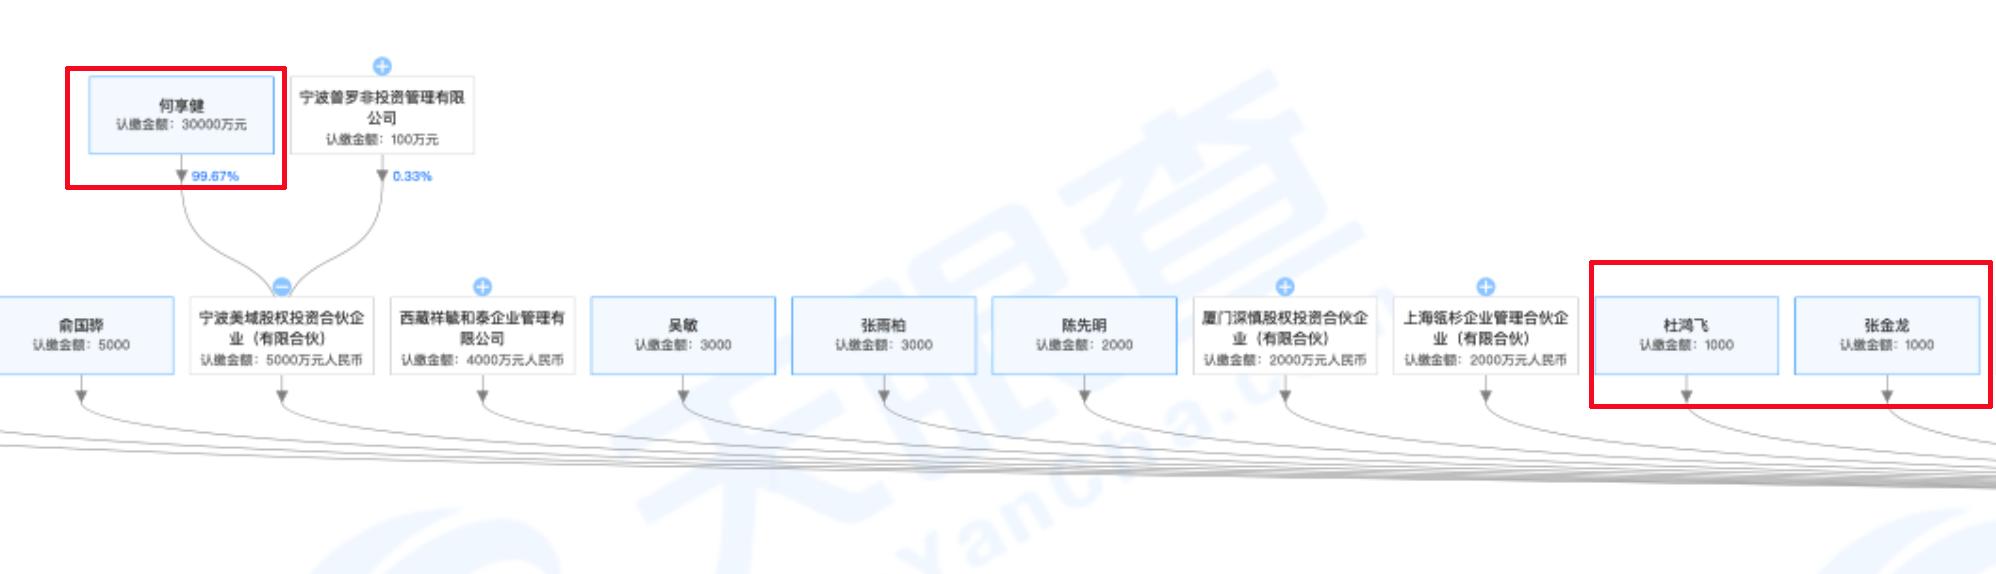 京华娱乐场注册平台·4月我国粗钢日均产量283.4万吨 创历史新高